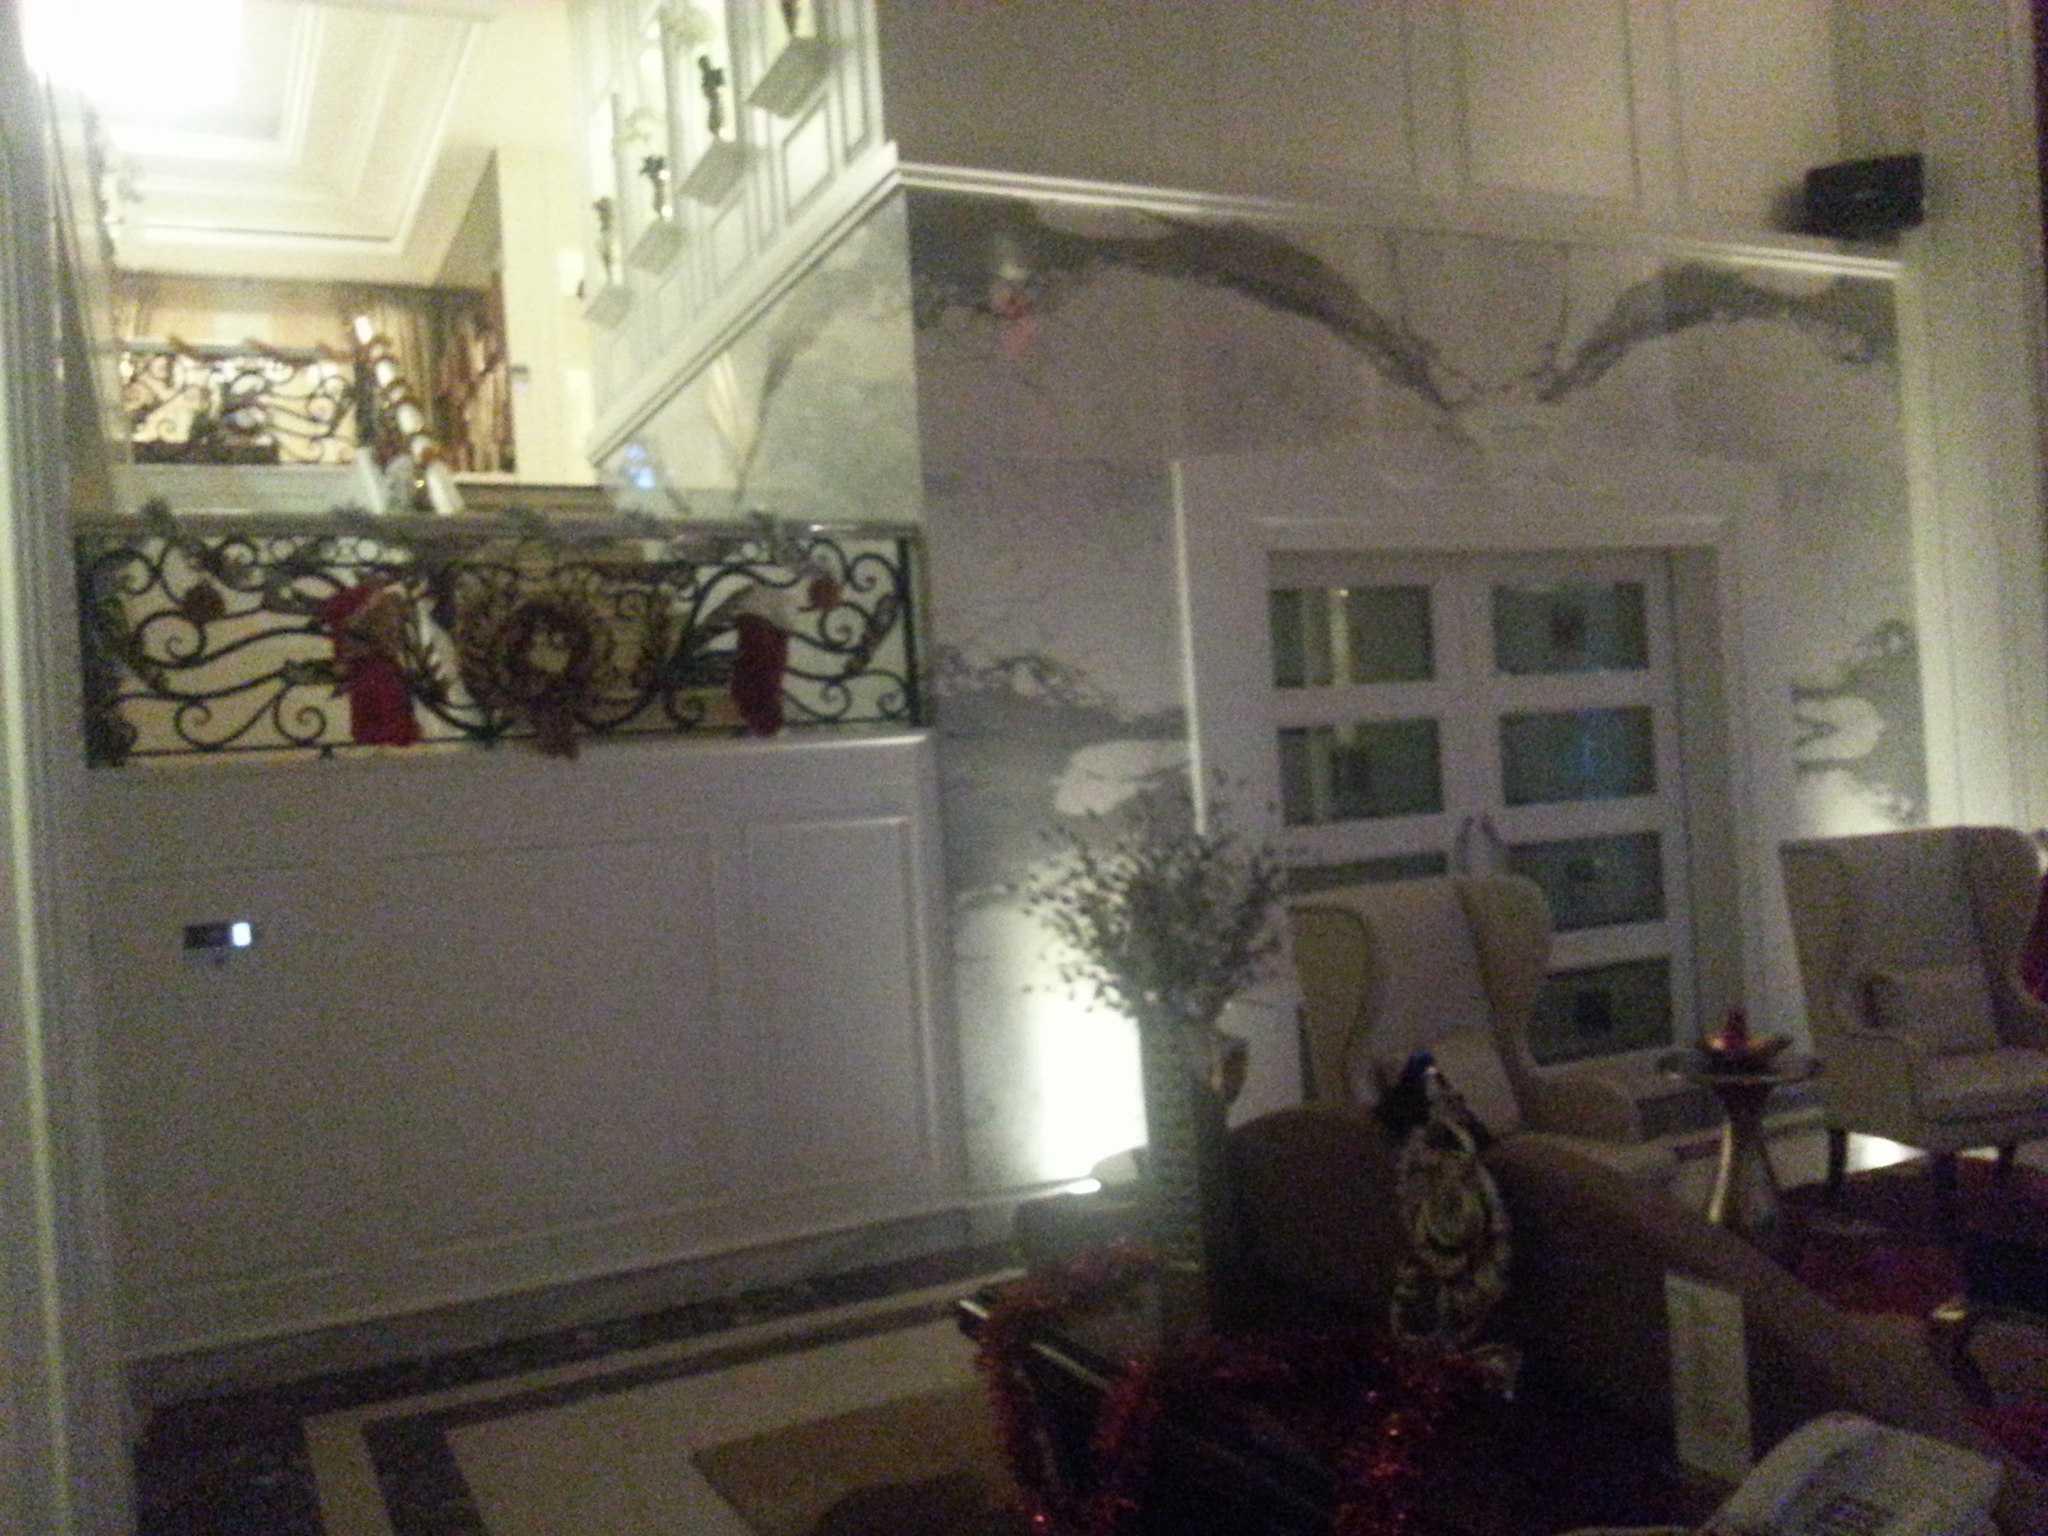 A N J A R S I T E K Classical House - Renon / Denpasar - Bali Renon, South Denpasar, Denpasar City, Bali, Indonesia Renon, South Denpasar, Denpasar City, Bali, Indonesia A-N-J-A-R-S-I-T-E-K-Classic-House-Renon-Bali   103447